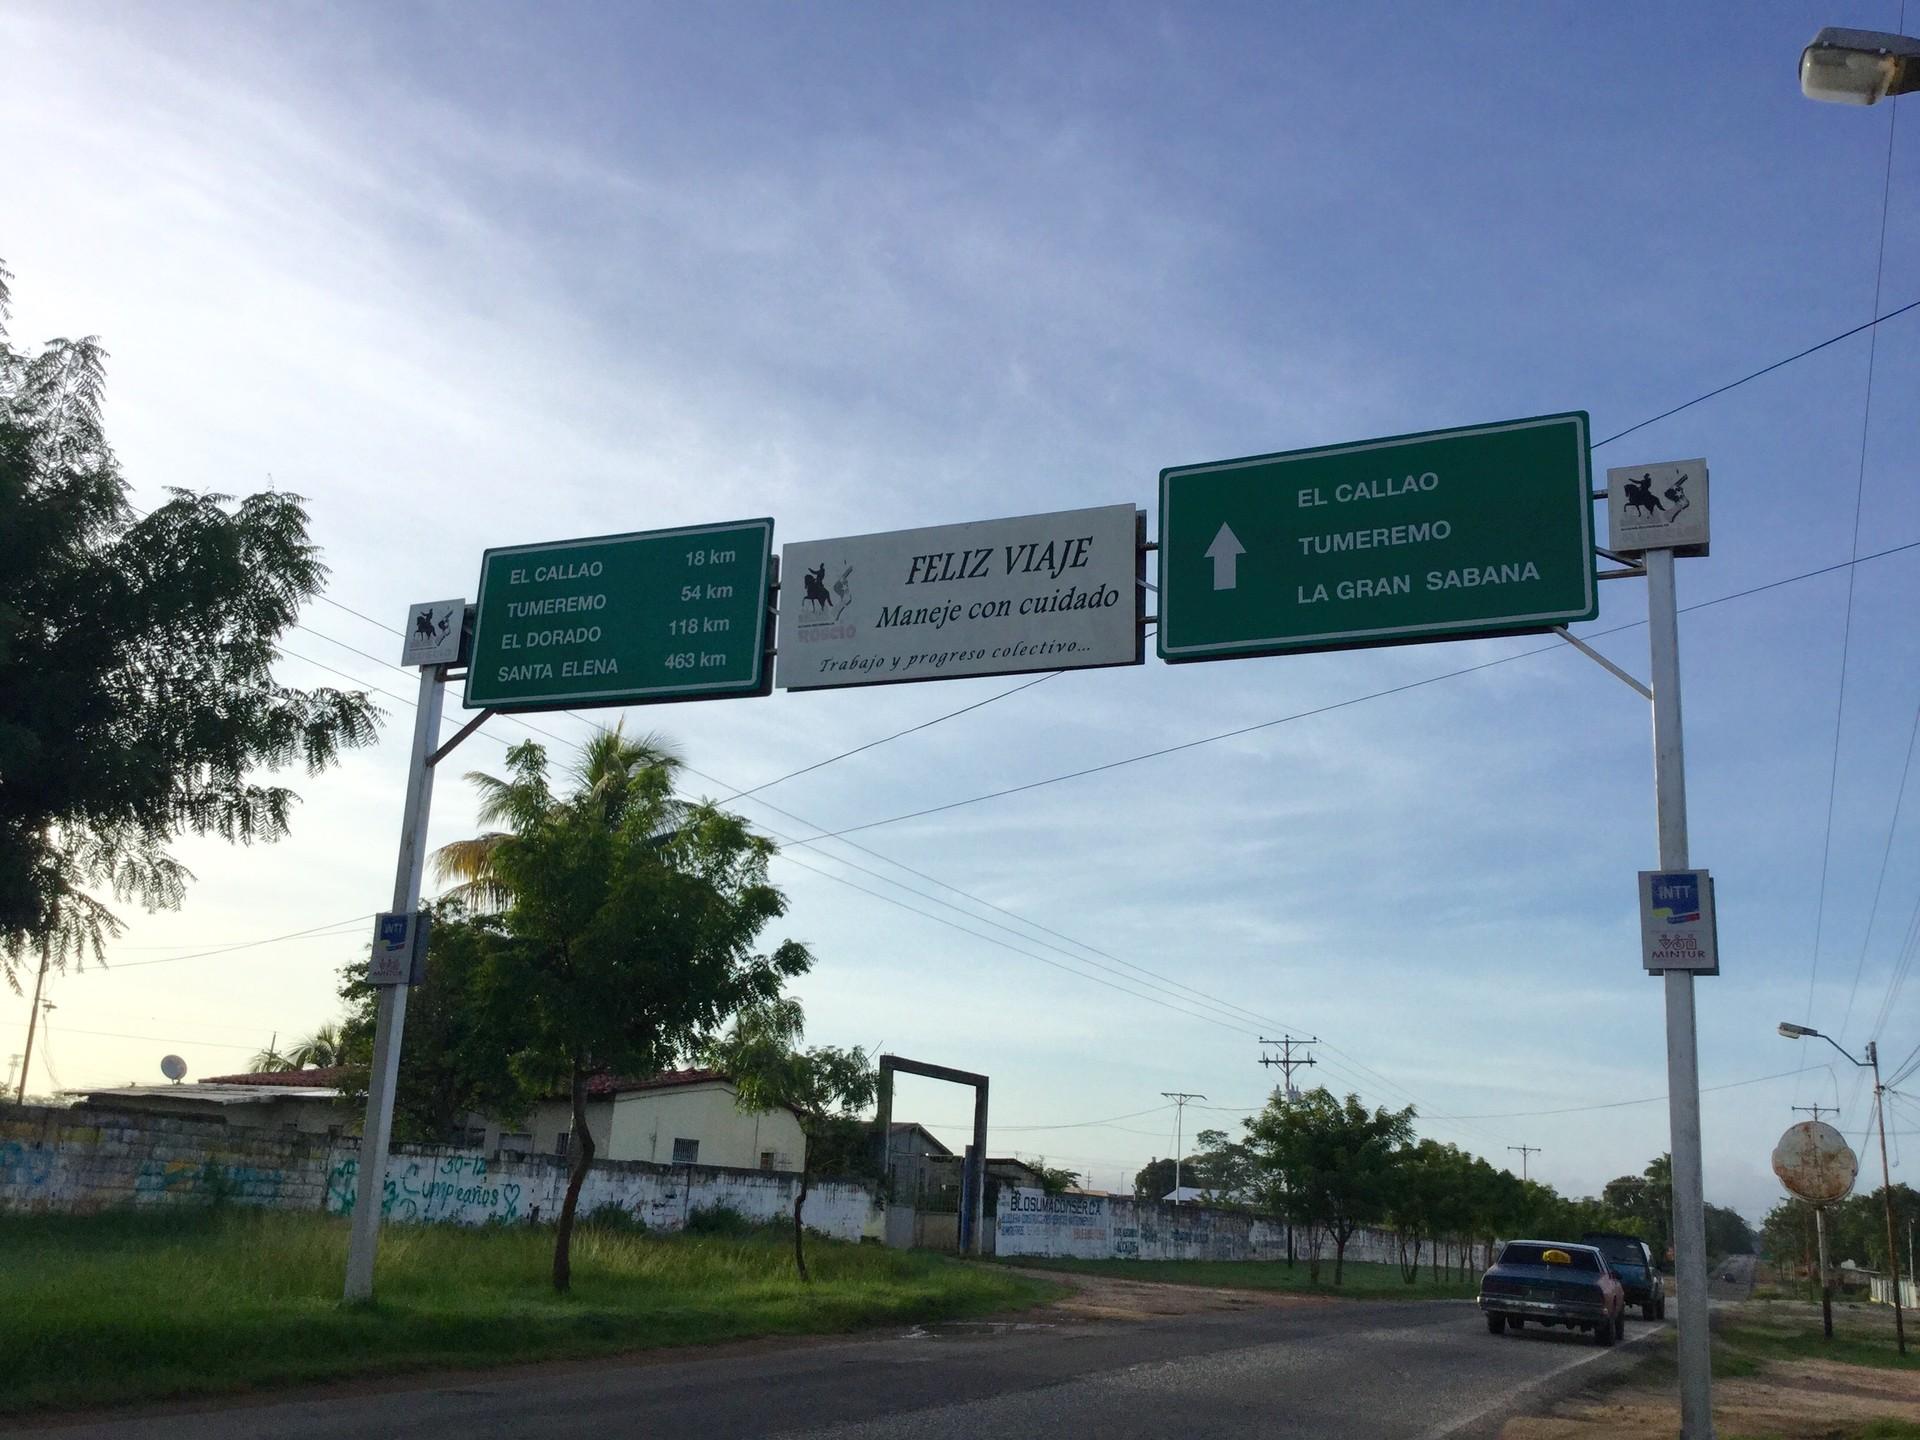 El estado Bolívar es el más extenso y el tercero menos poblado de Venezuela. La mayoría de los pueblos, ubicados al sur, dependen de la minería.